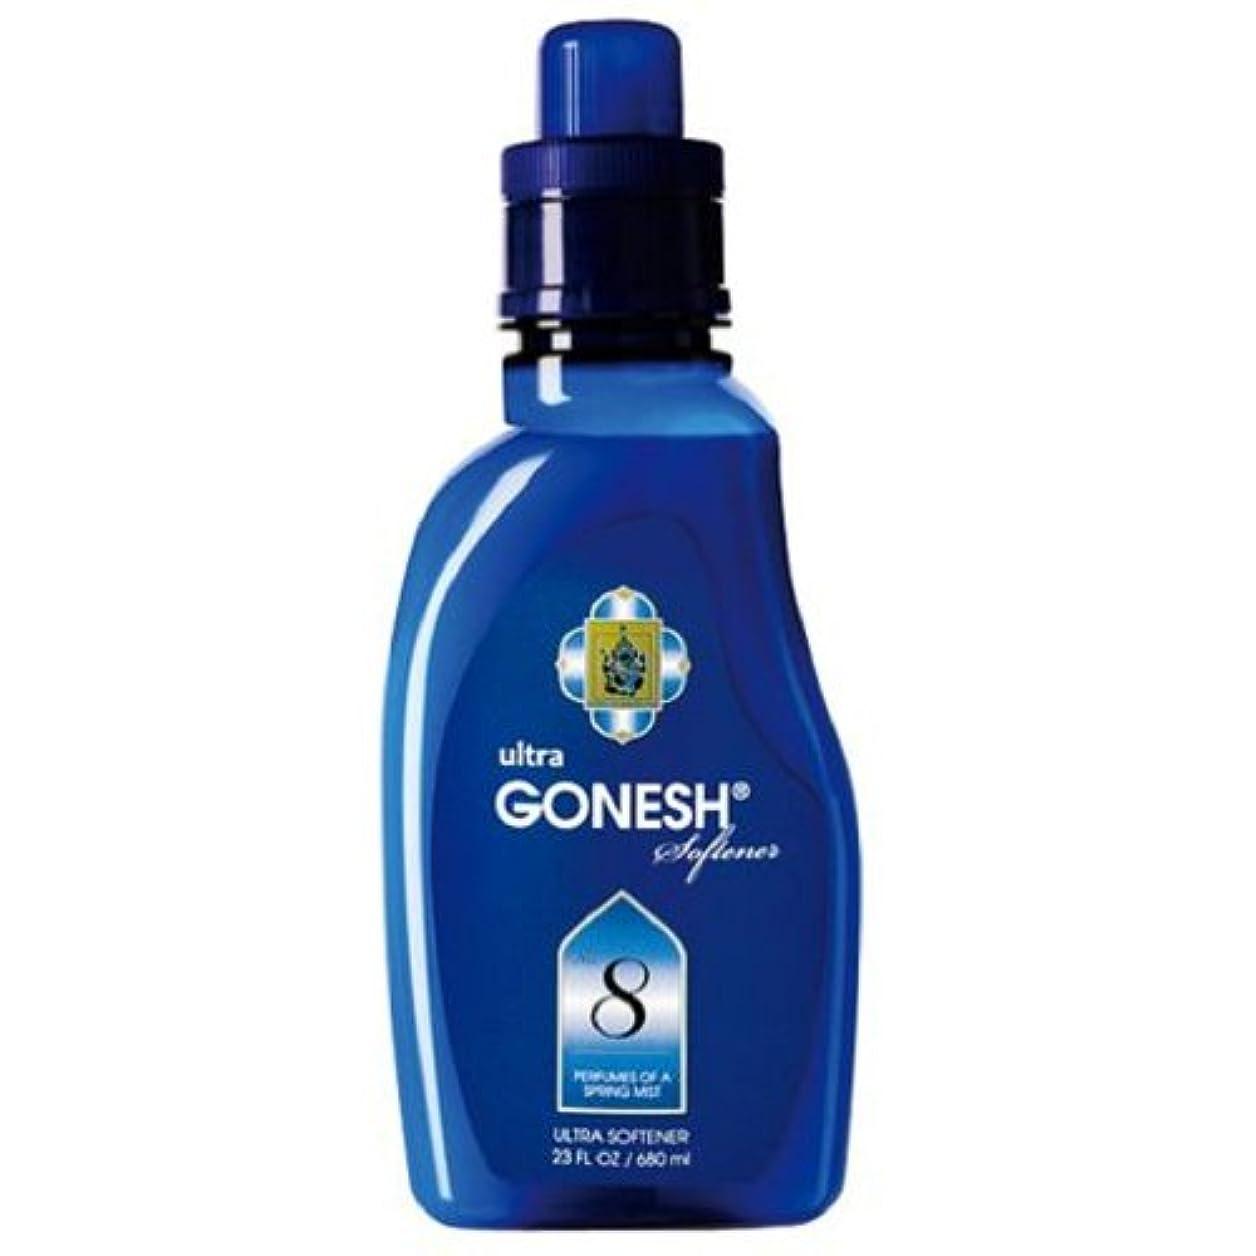 振動するショッピングセンター繊維GONESH(ガーネッシュ)ウルトラソフナー NO.8 680ml 柔軟剤 (ほのかに甘いフルーツ系の香り)